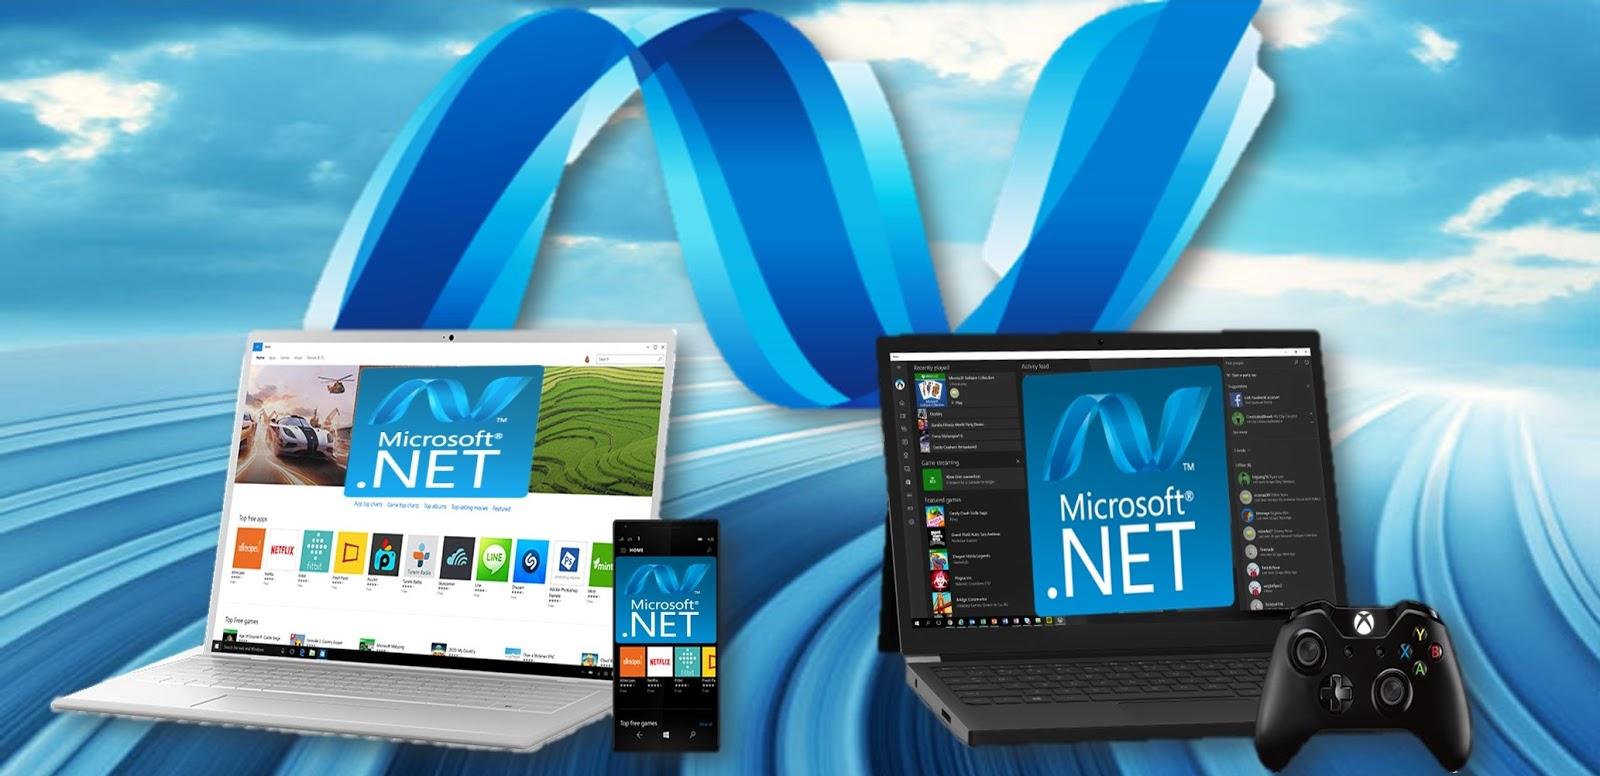 تحميل برنامج مايكروسوفت نت Microsoft .NET Framework Final مجانا